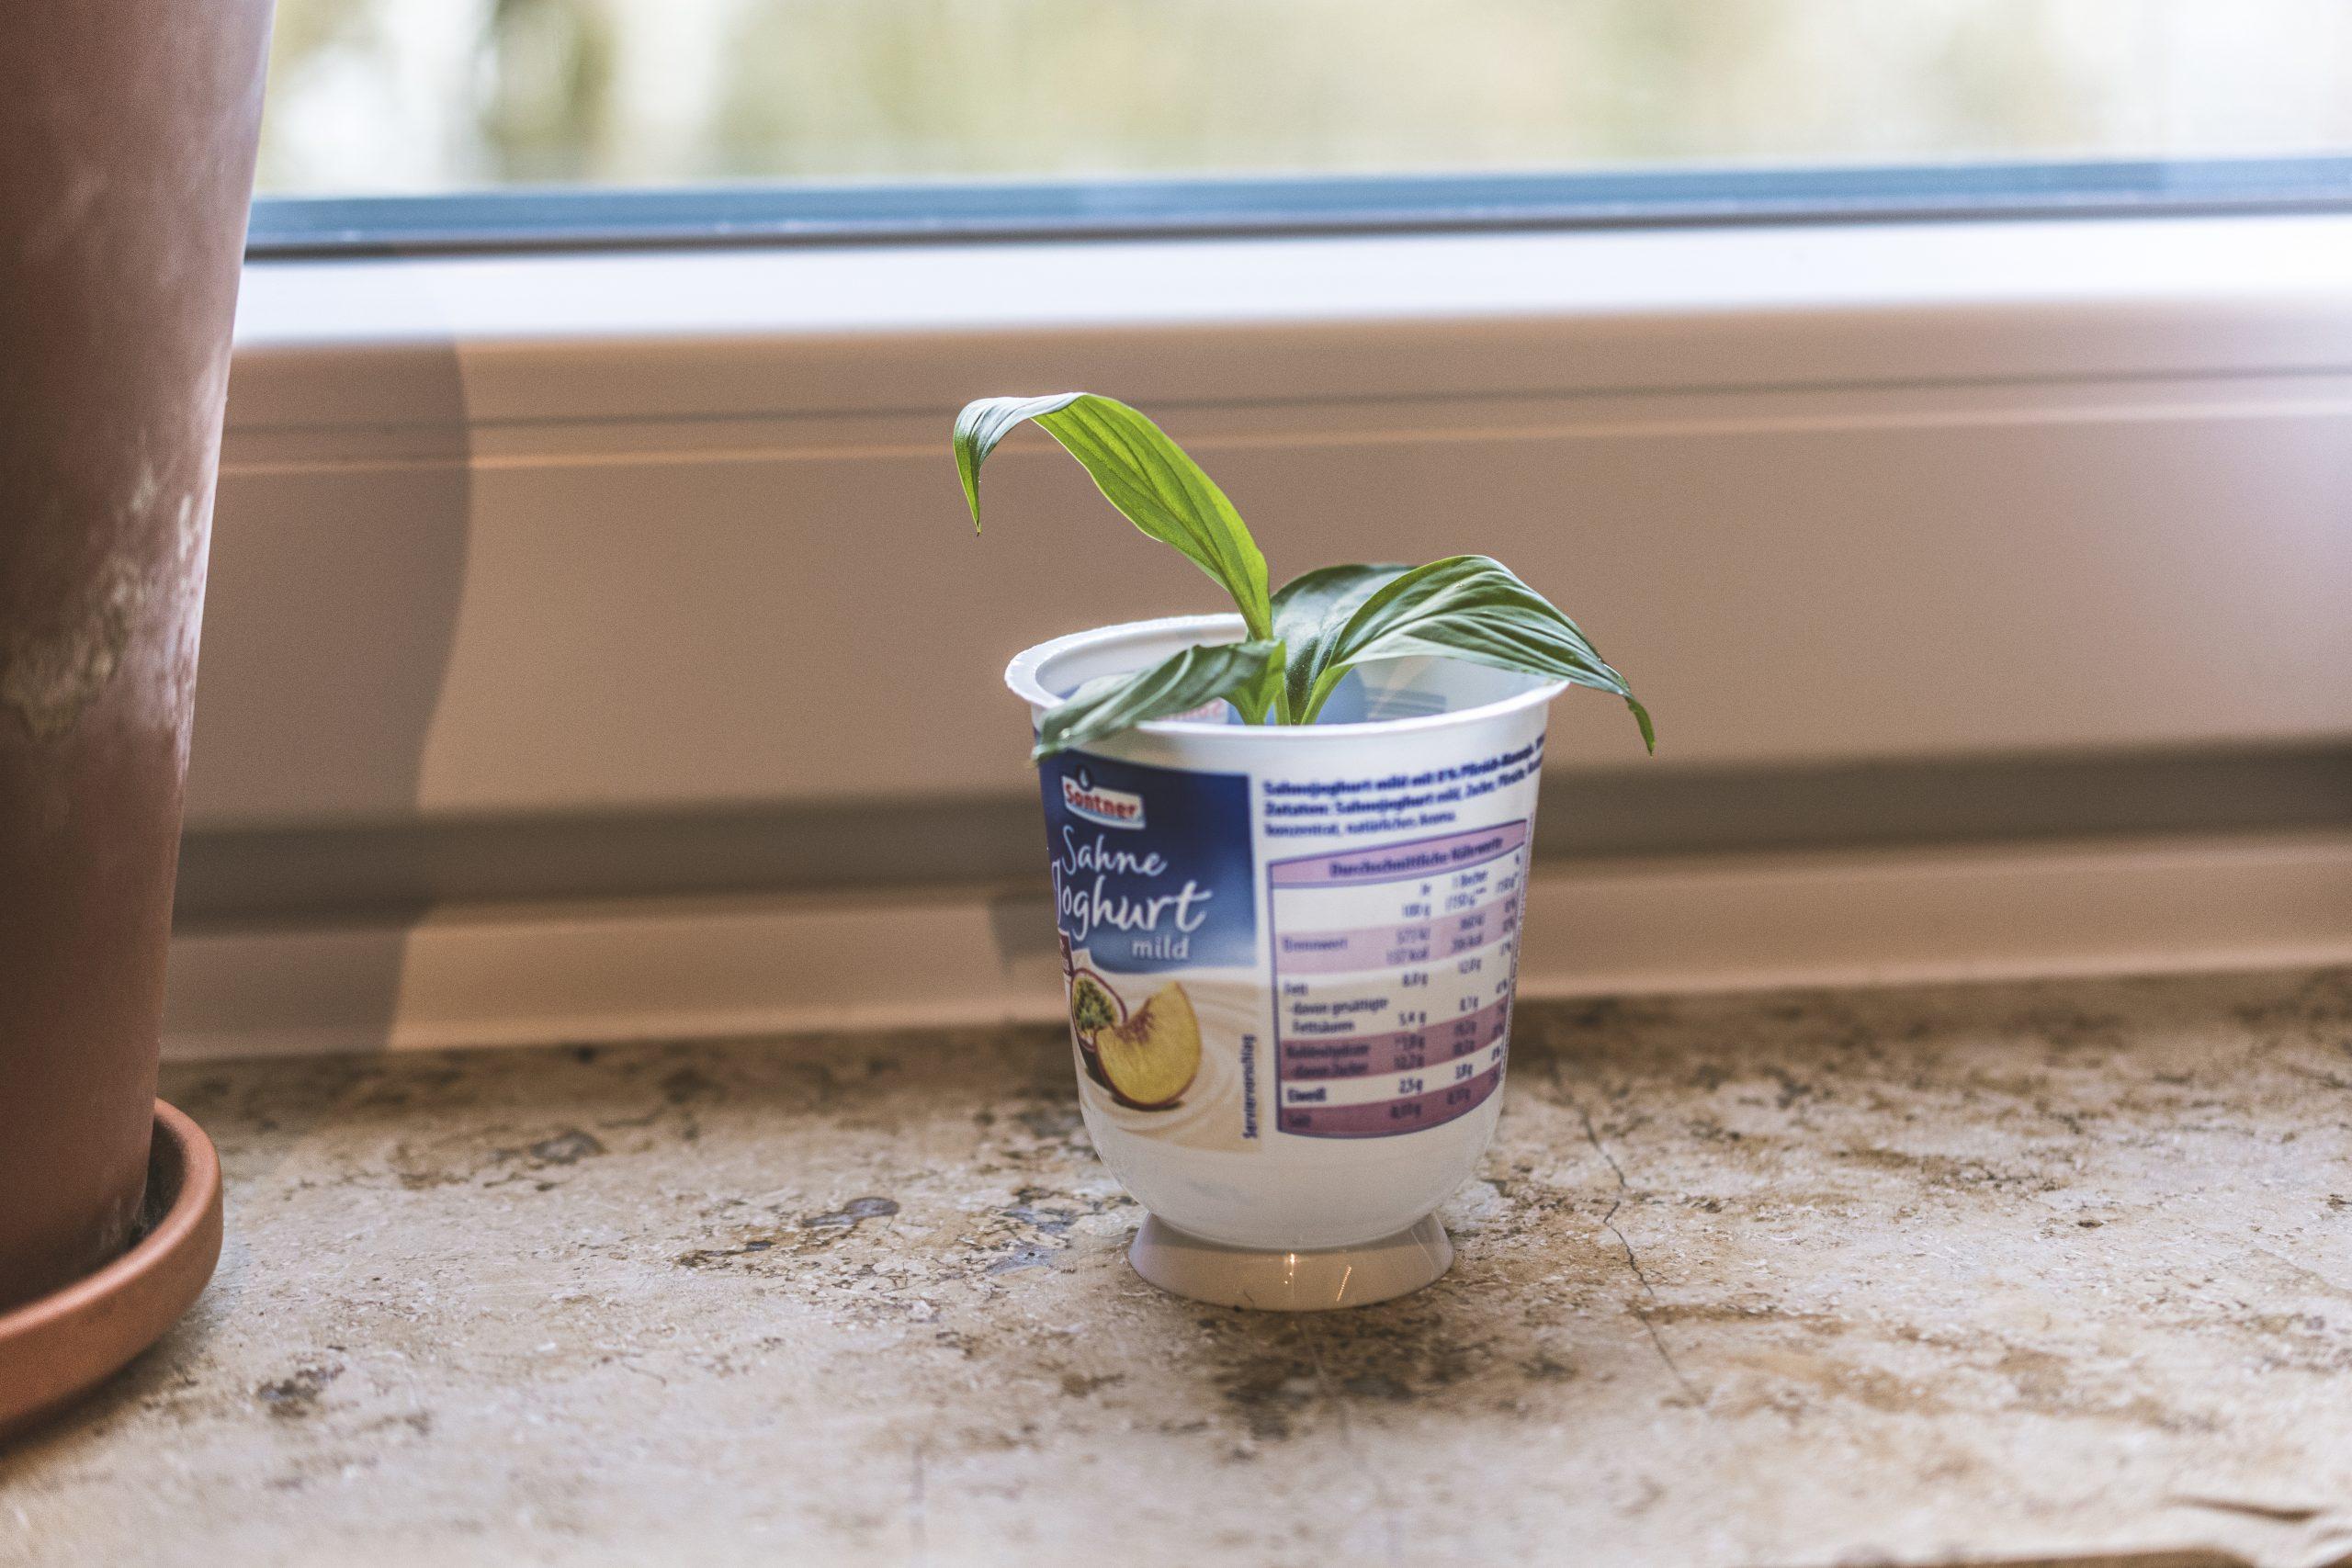 Haltbarkeitsdatum von Lebensmitteln wie Joghurt